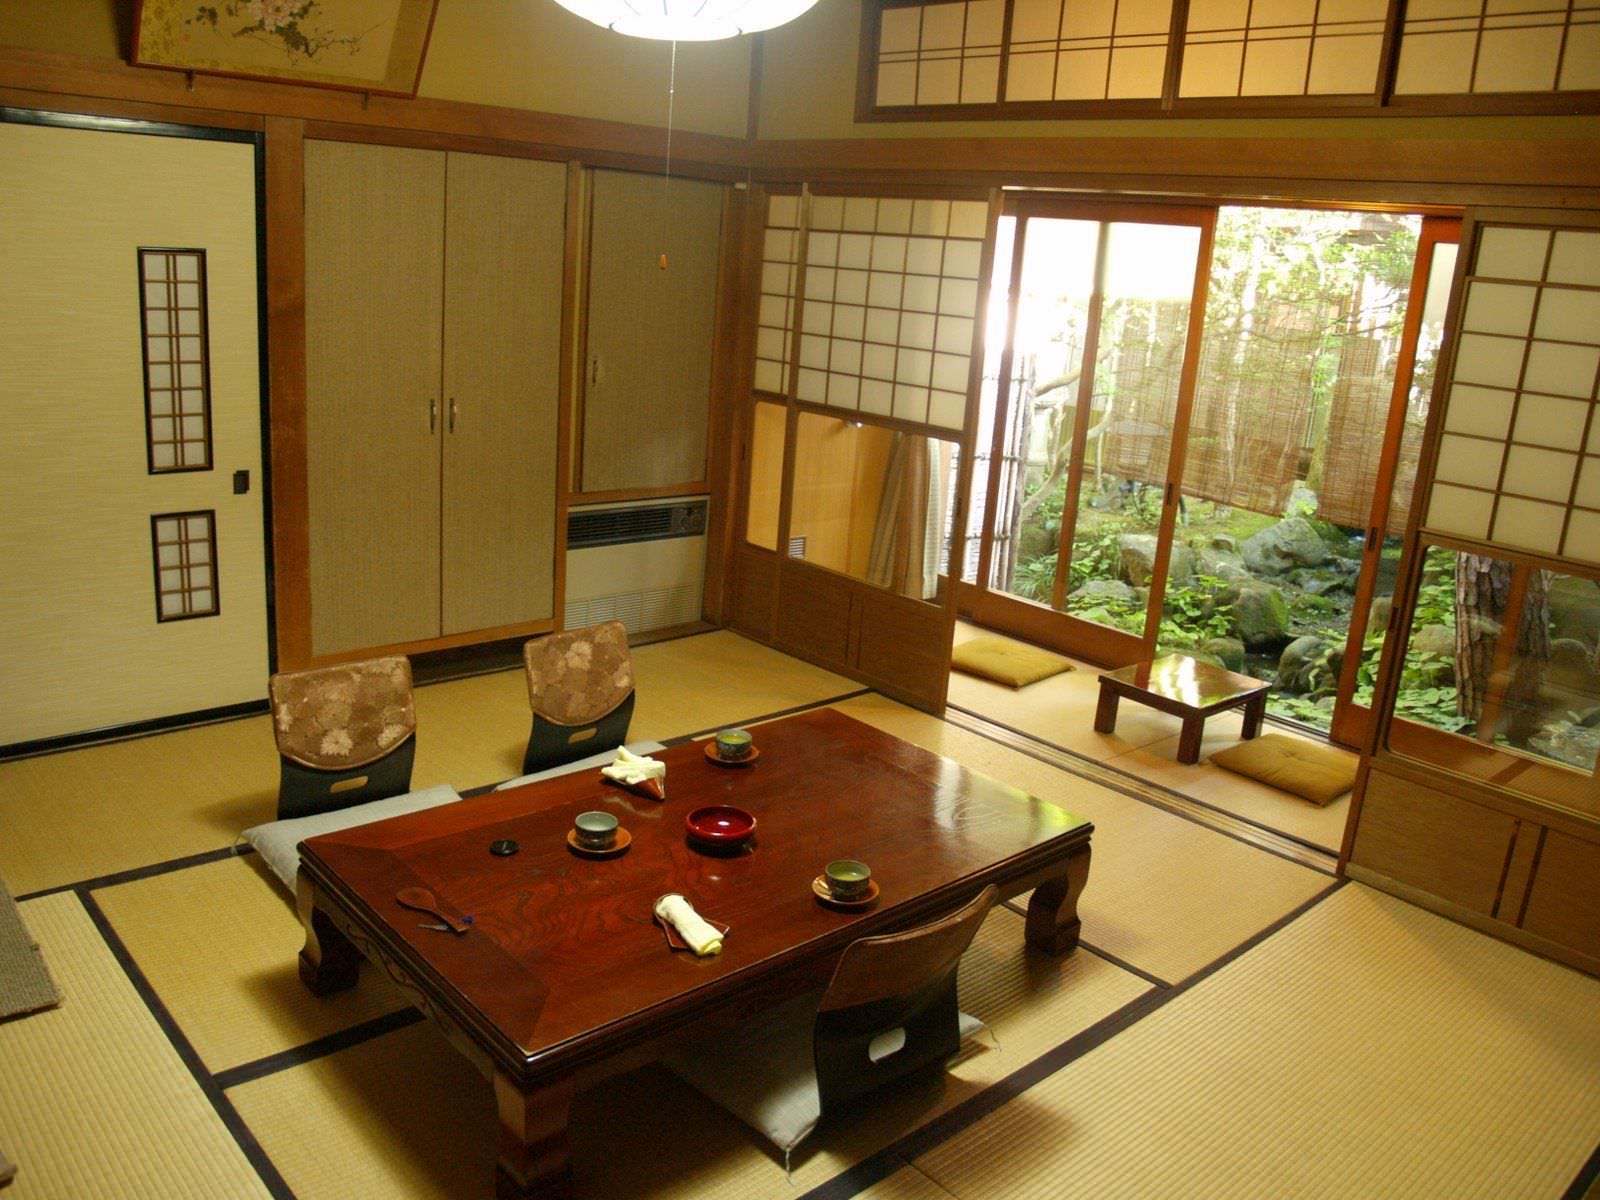 Mẫu phòng khách truyền thống với chiếu Tatami đặc trưng